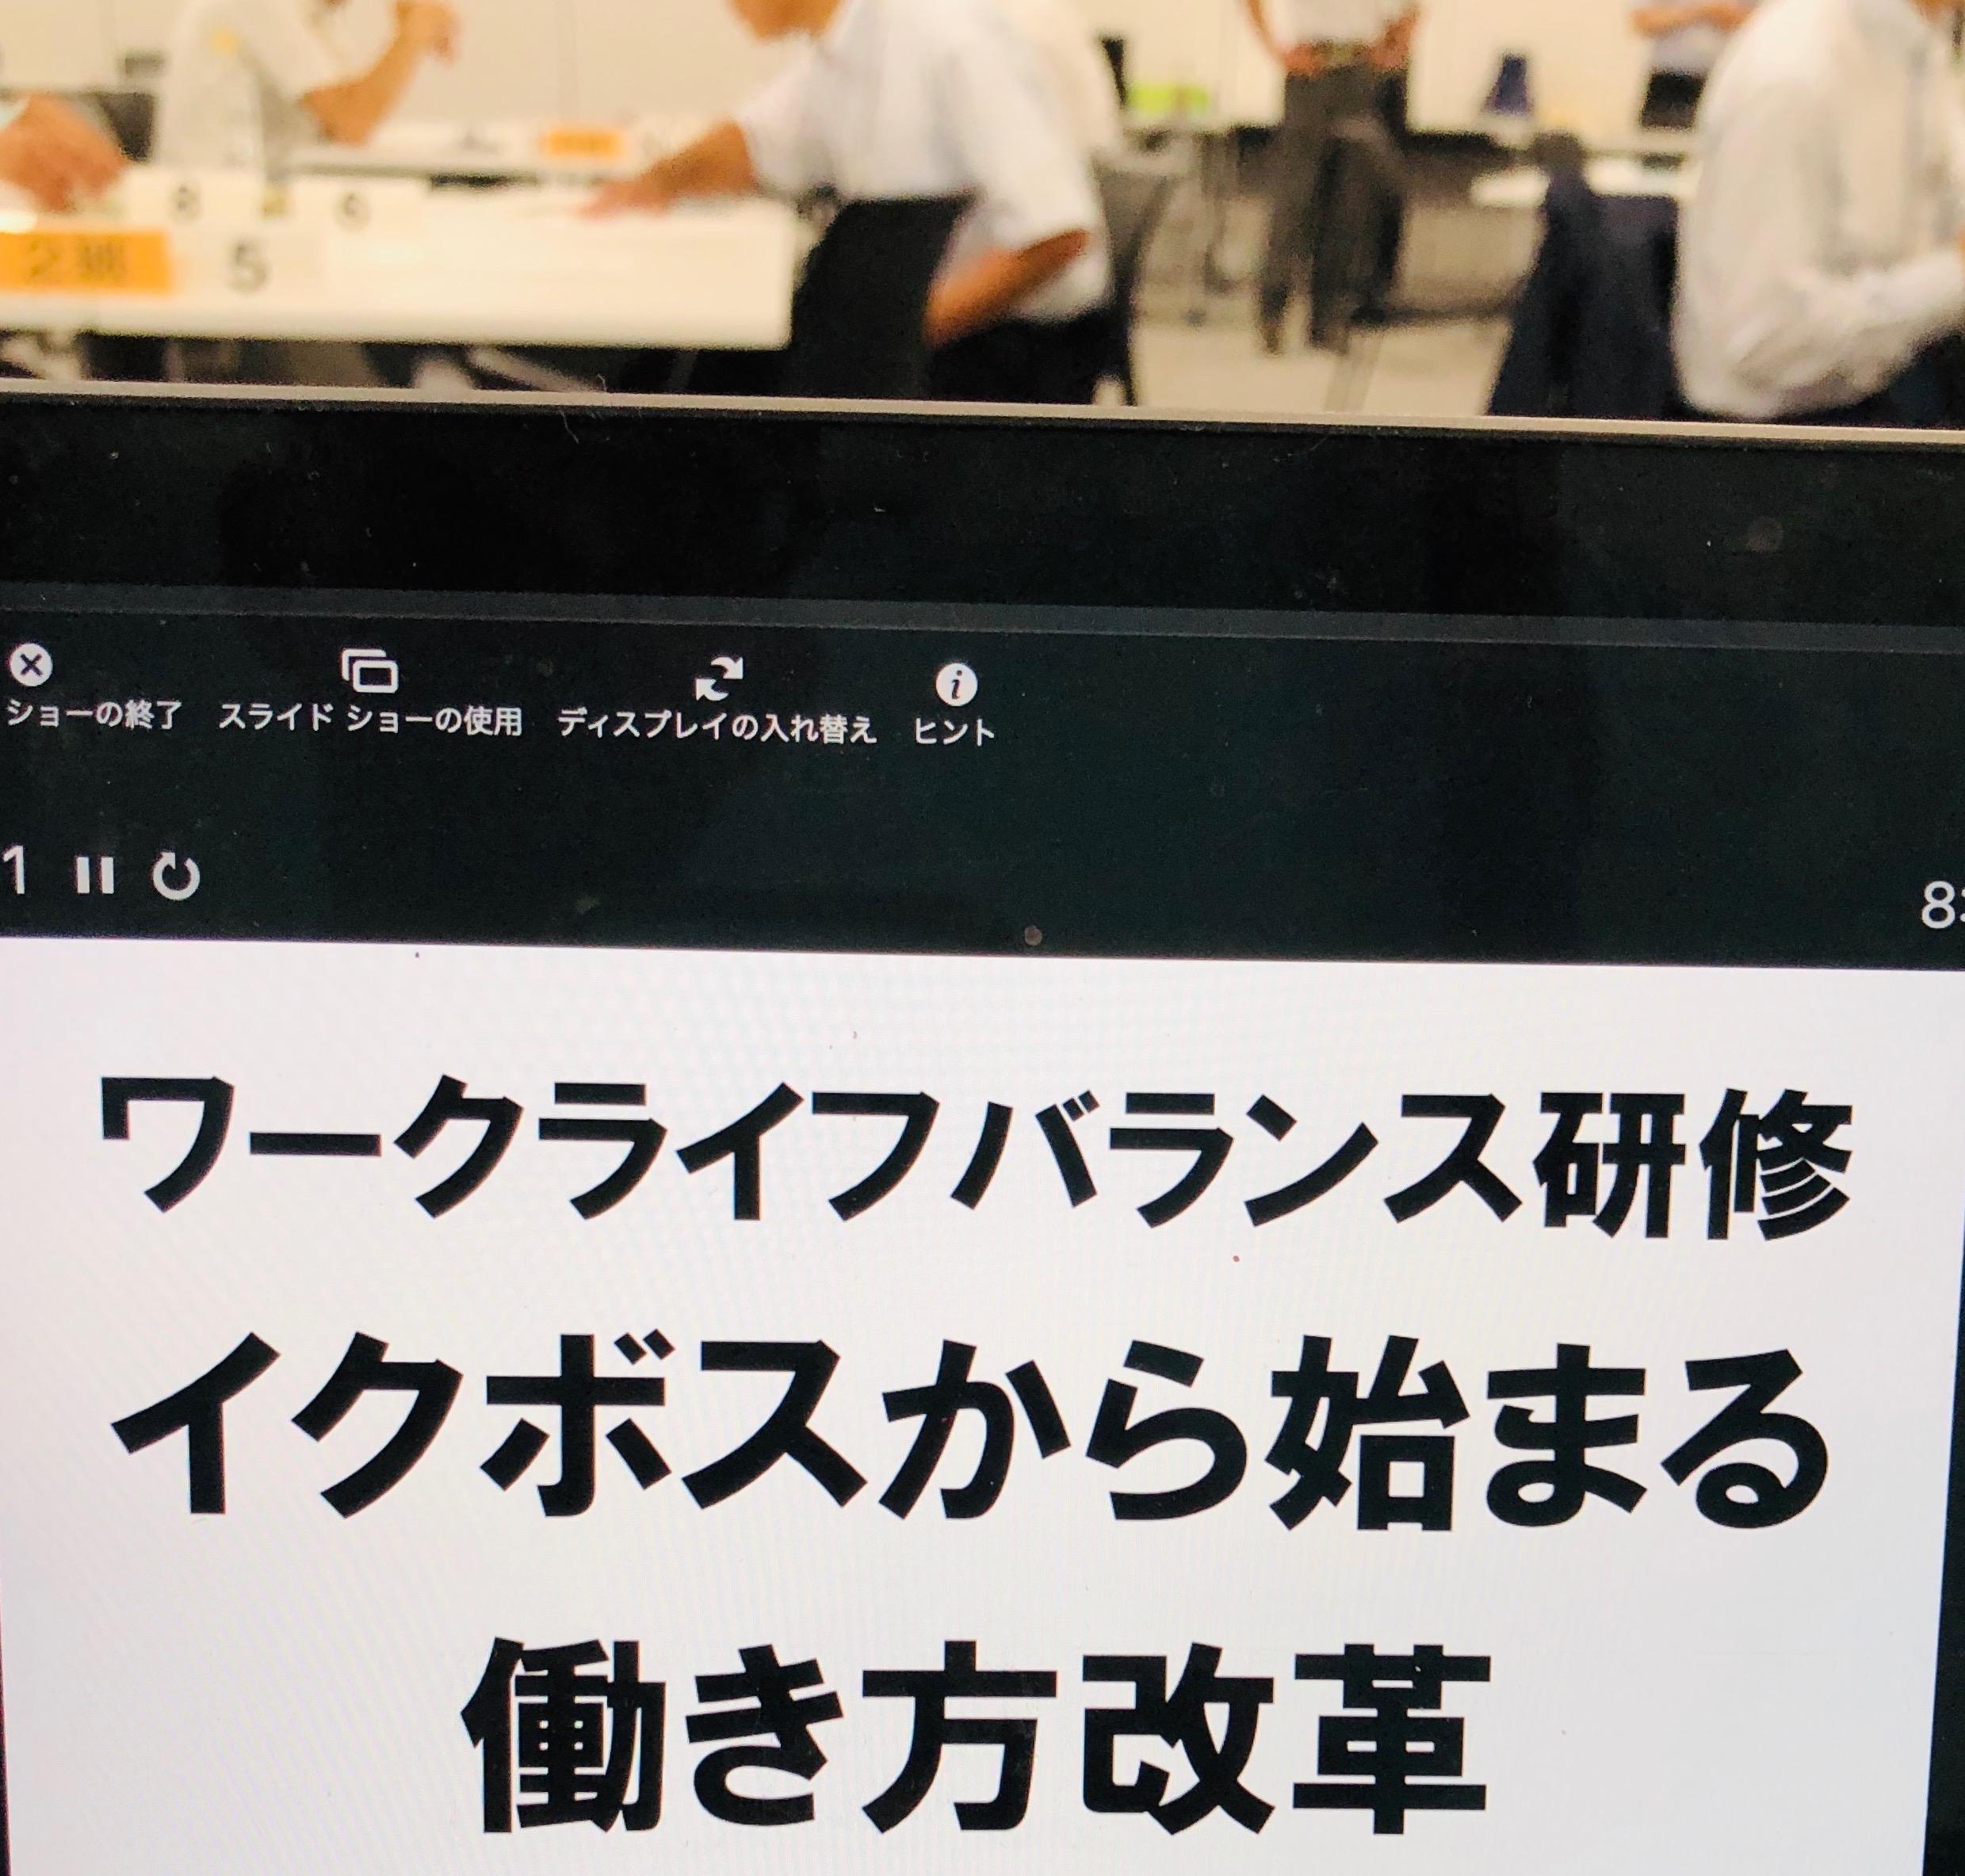 水戸市役所でワークライフバランス研修。管理職対象にダブルヘッダー×2日間